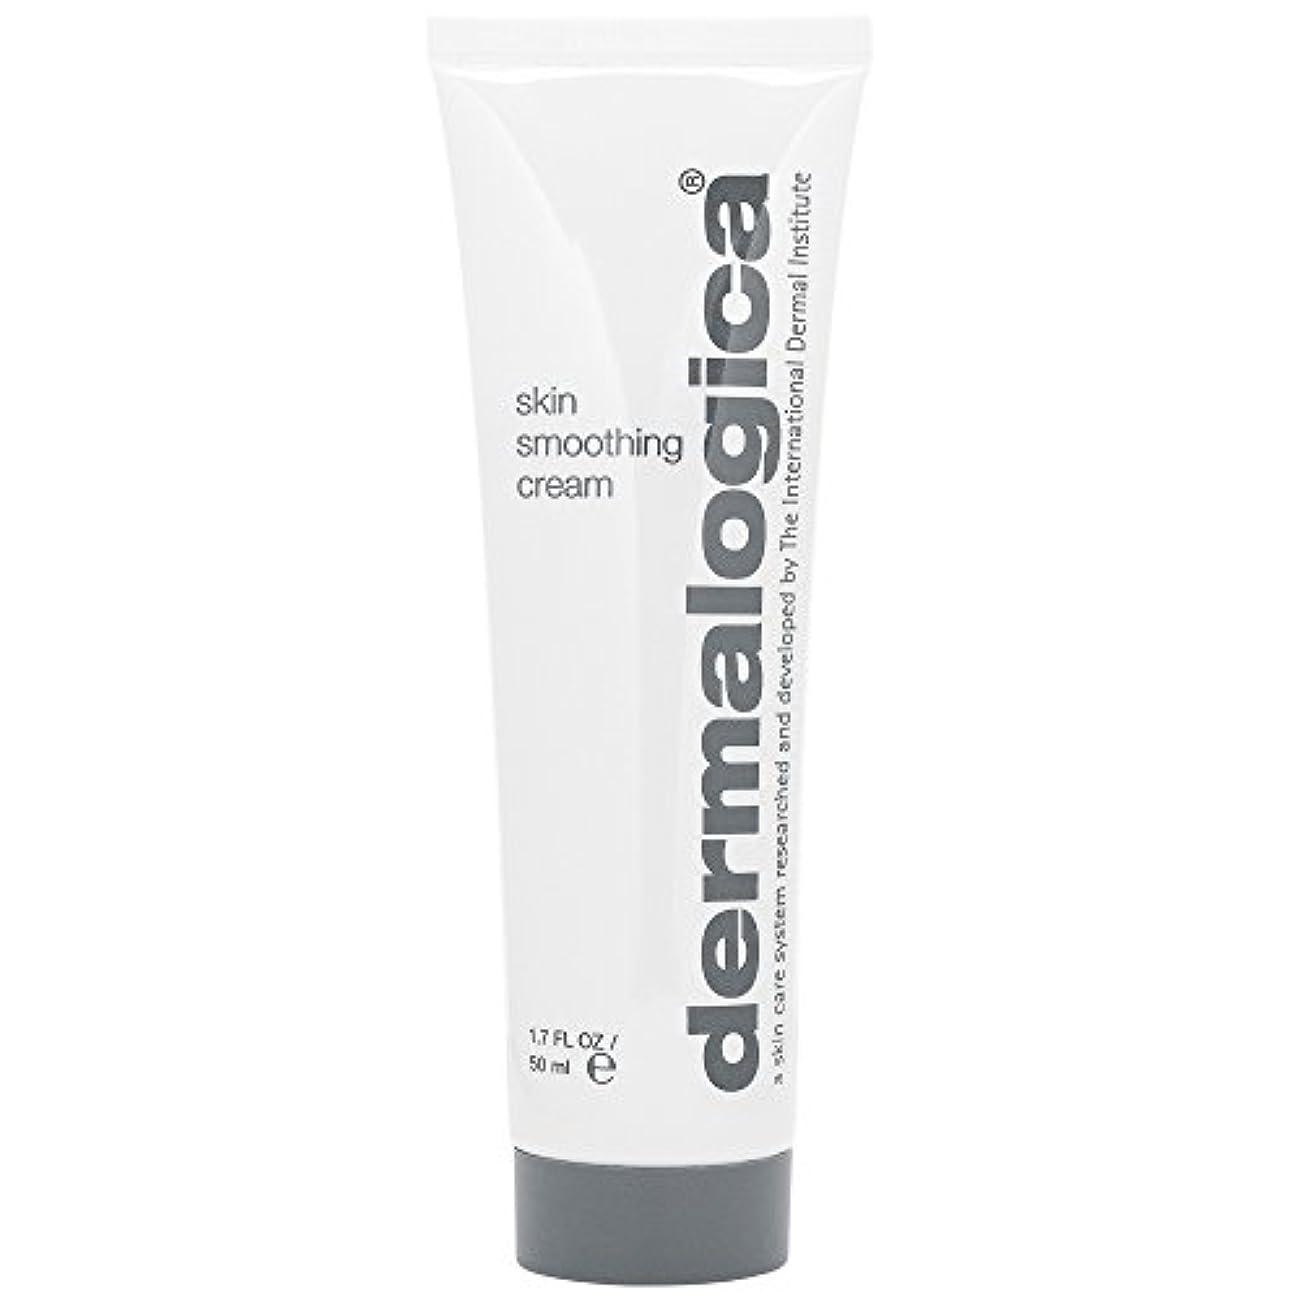 バース軽食参照ダーマロジカスキンスムージングクリーム50ミリリットル (Dermalogica) (x2) - Dermalogica Skin Smoothing Cream 50ml (Pack of 2) [並行輸入品]